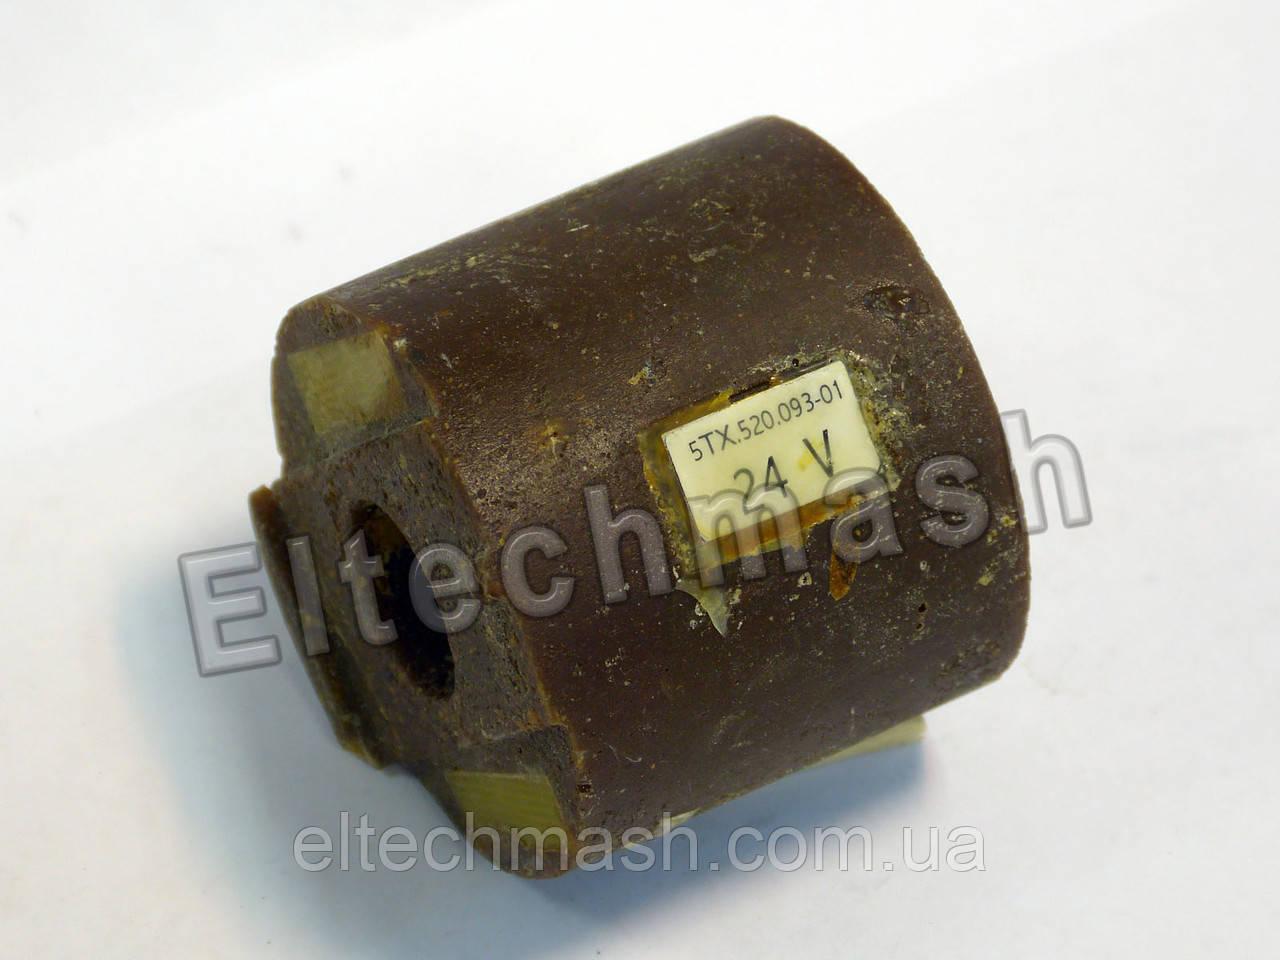 Катушка 5ТХ.520.093-01 (24В) к вентилю ВВ-32